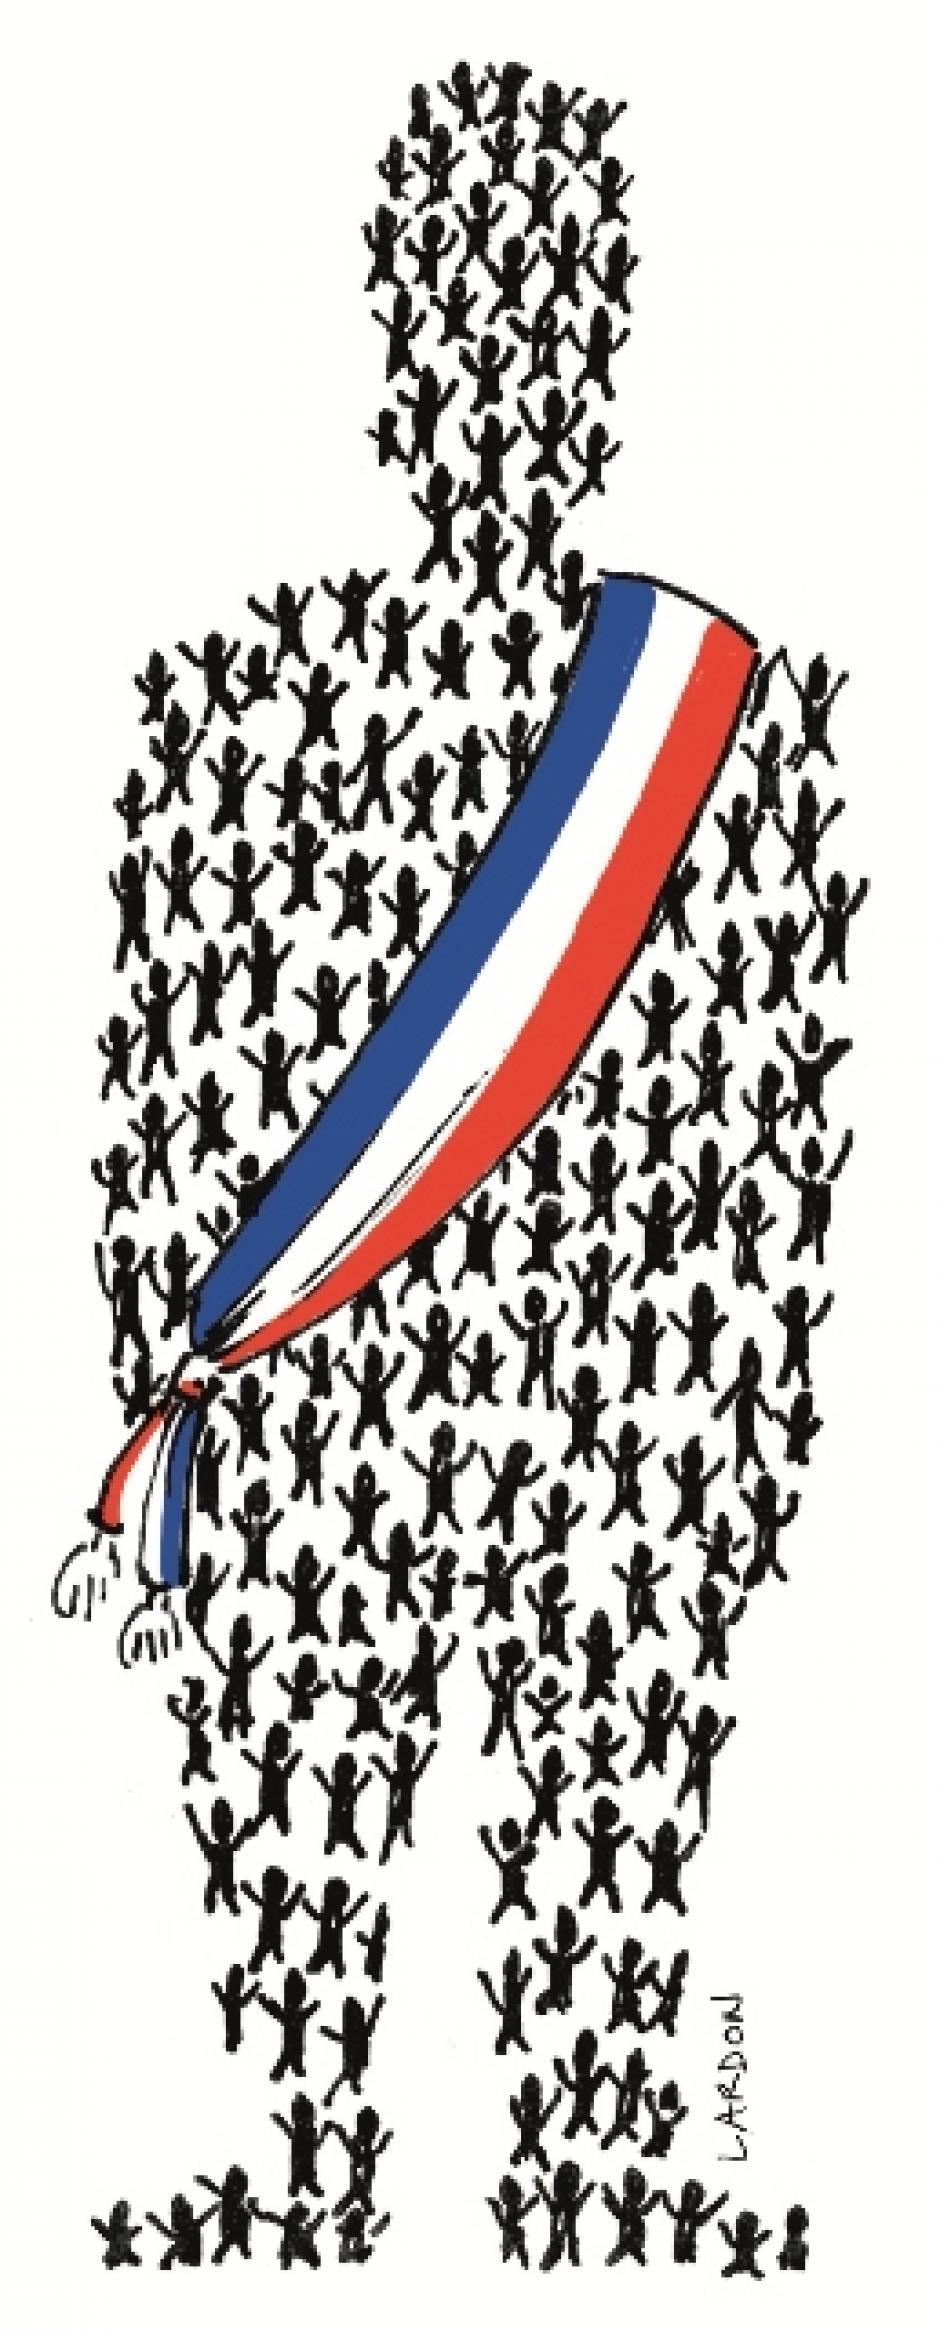 Bédarieux - Intercommunalité : communiqué de presse du groupe « Citoyens de Gauche » après de le conseil municipal du 10 décembre.